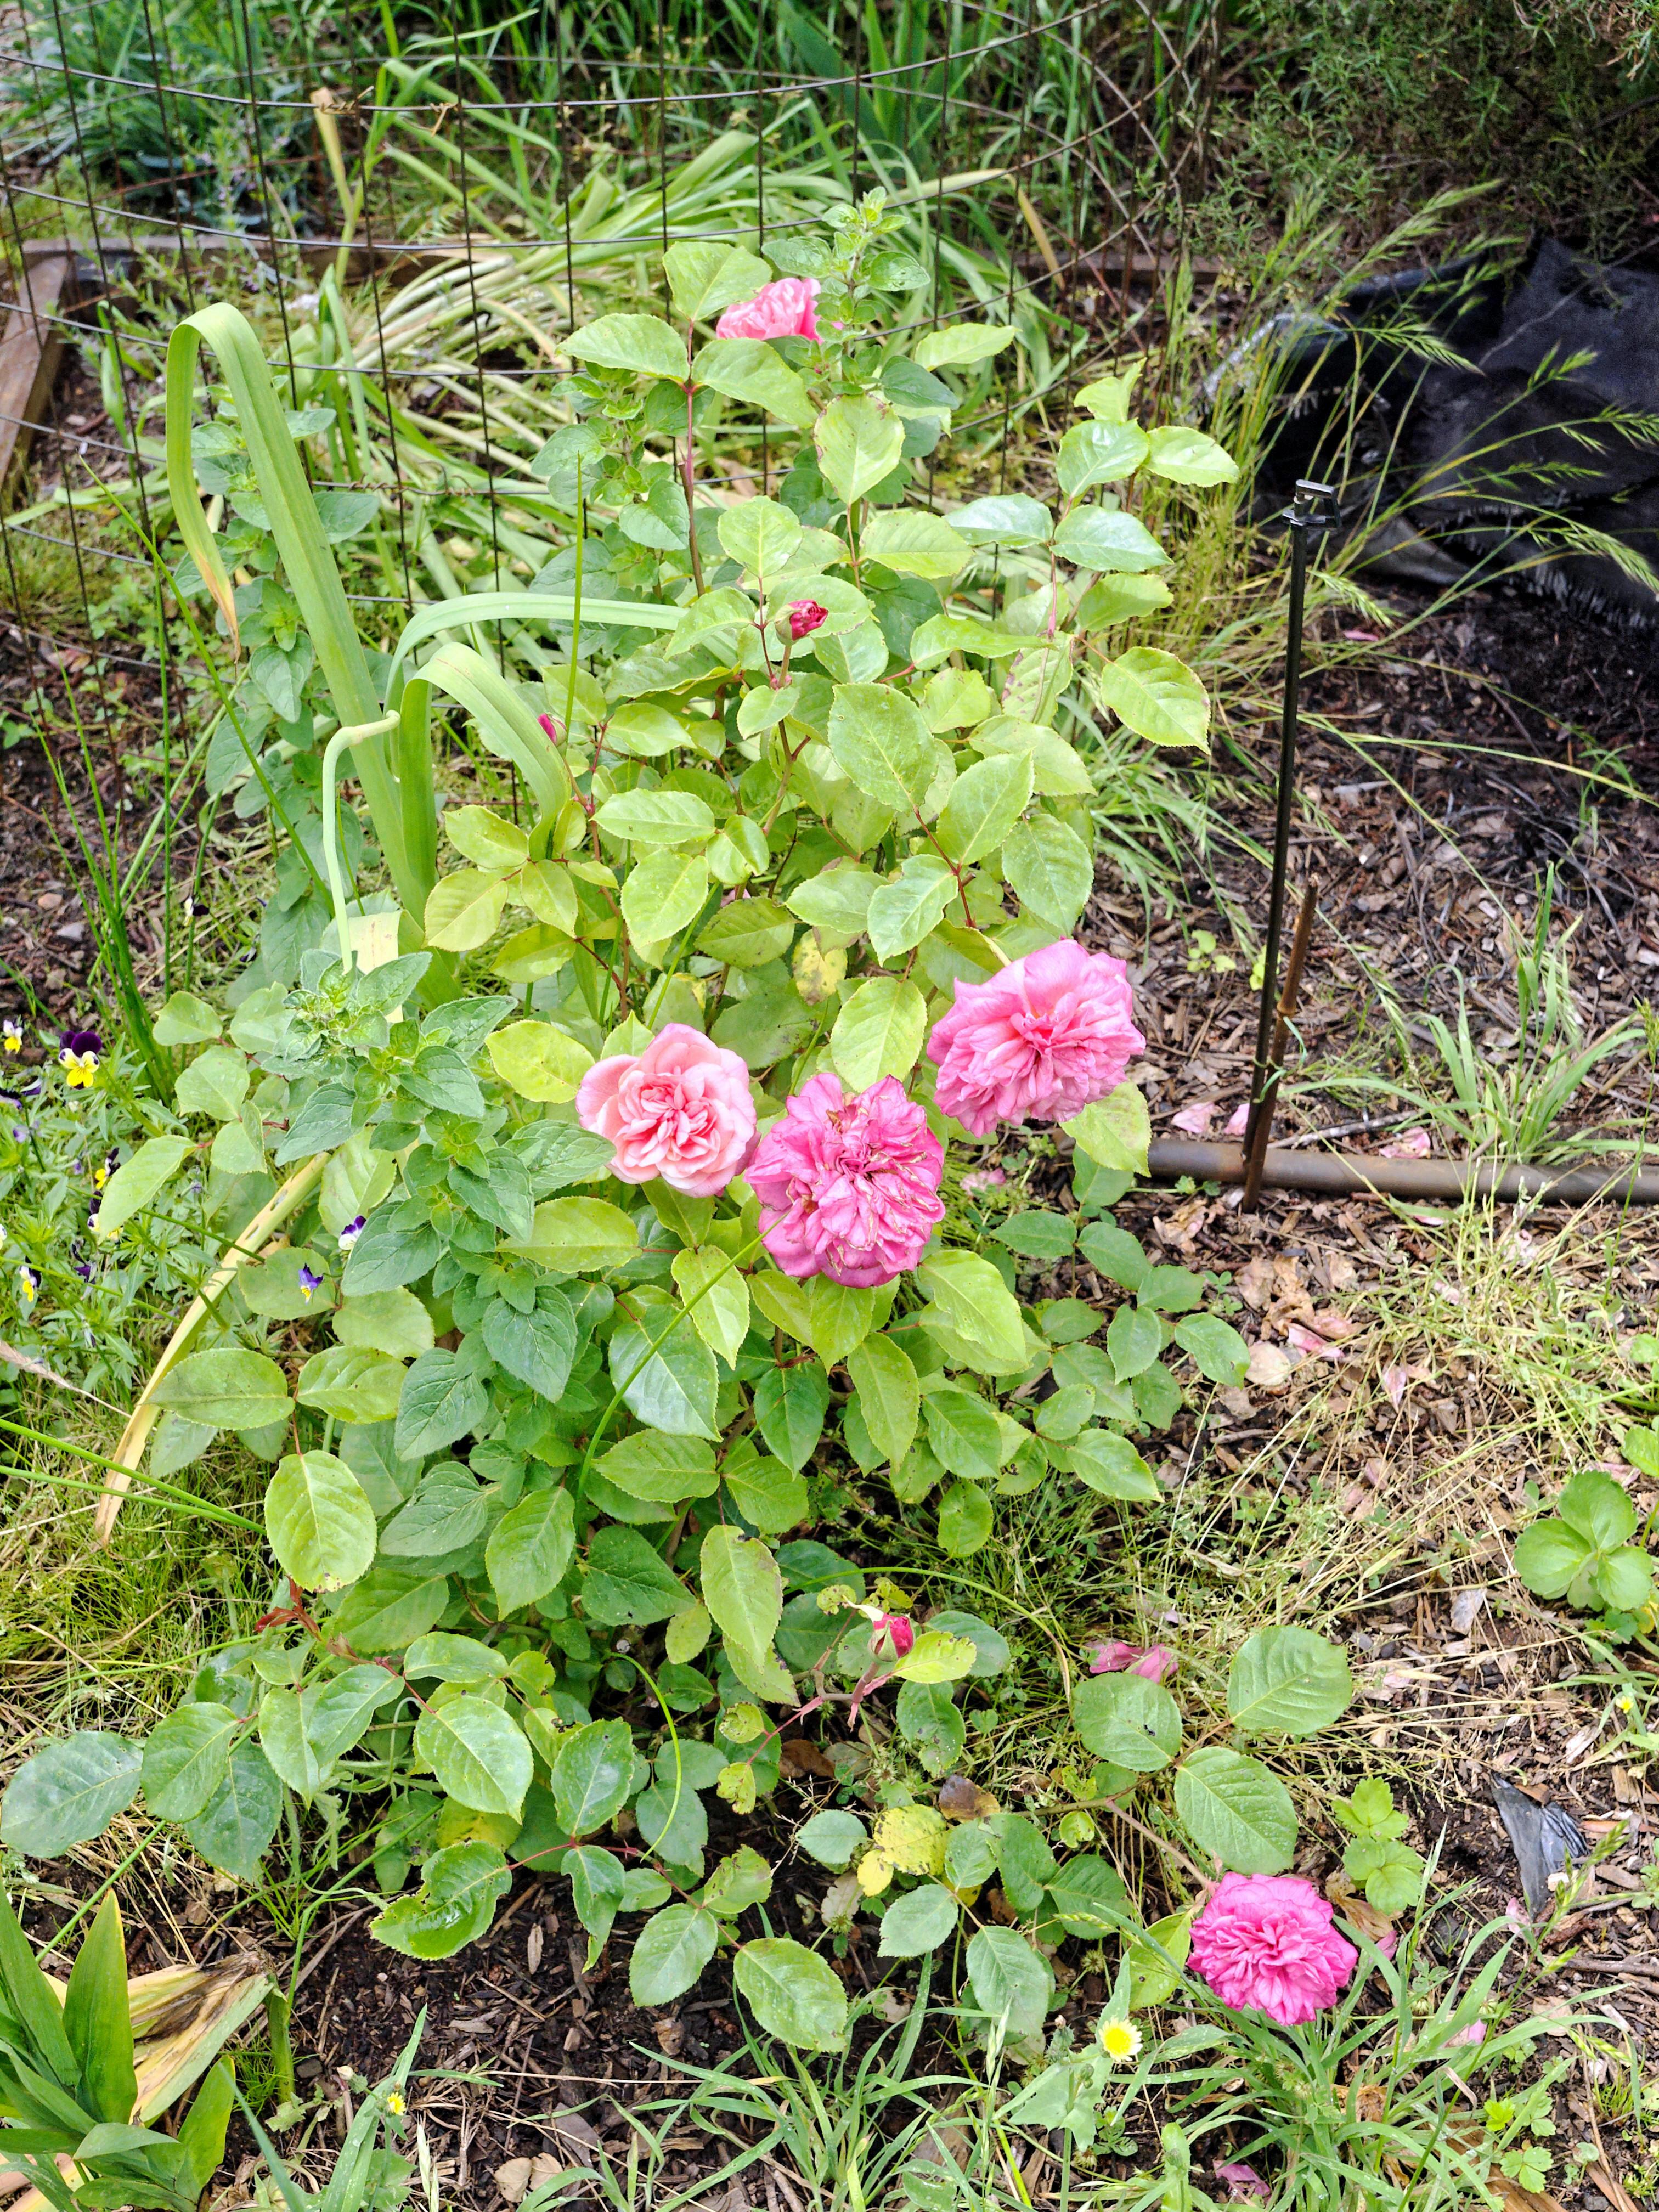 Rosa-Monsieur-Tillier-2.jpeg